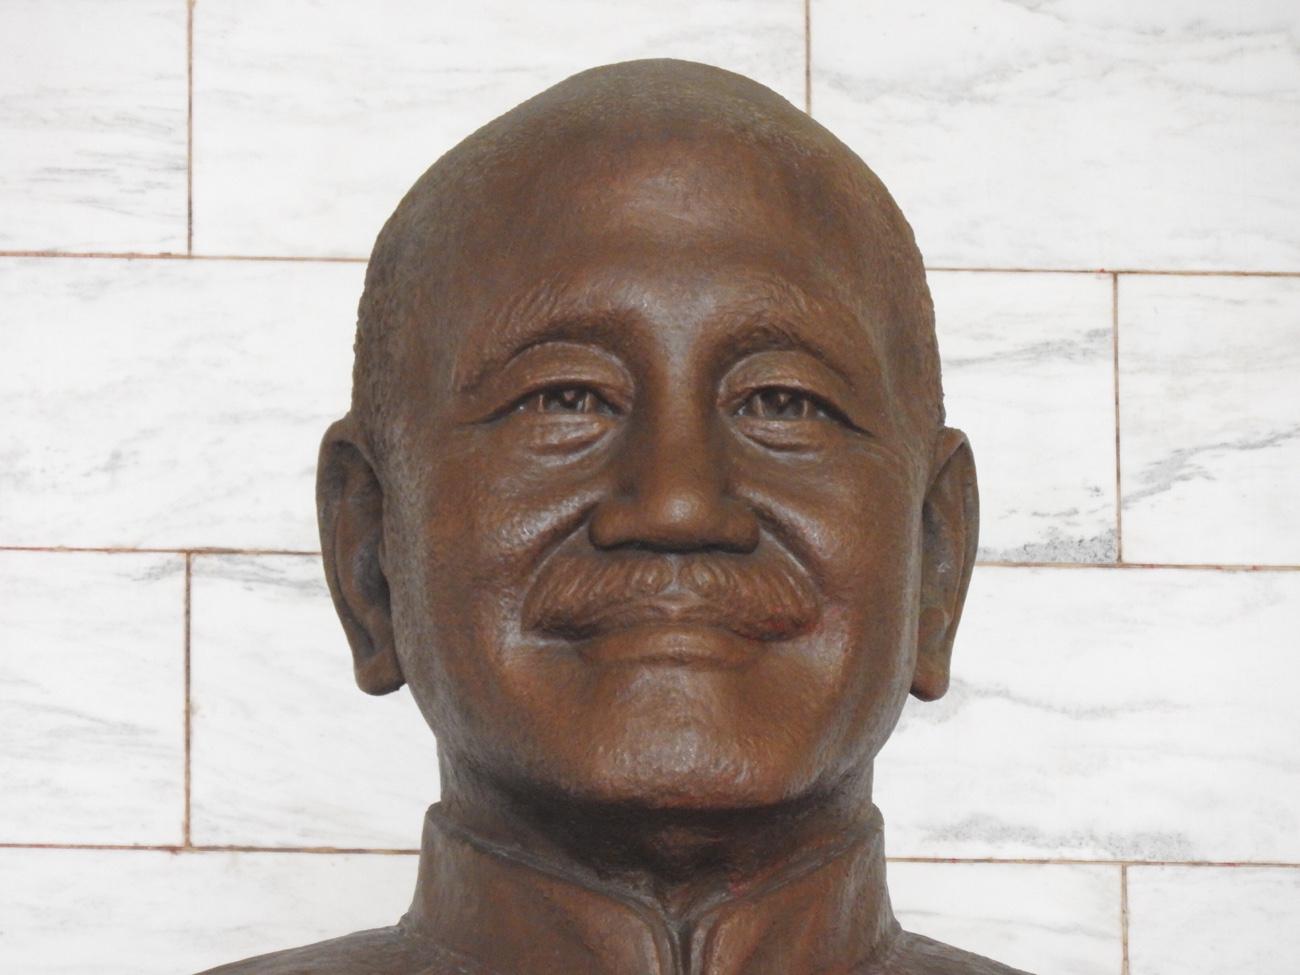 台北観光 中正記念堂 蒋介石像